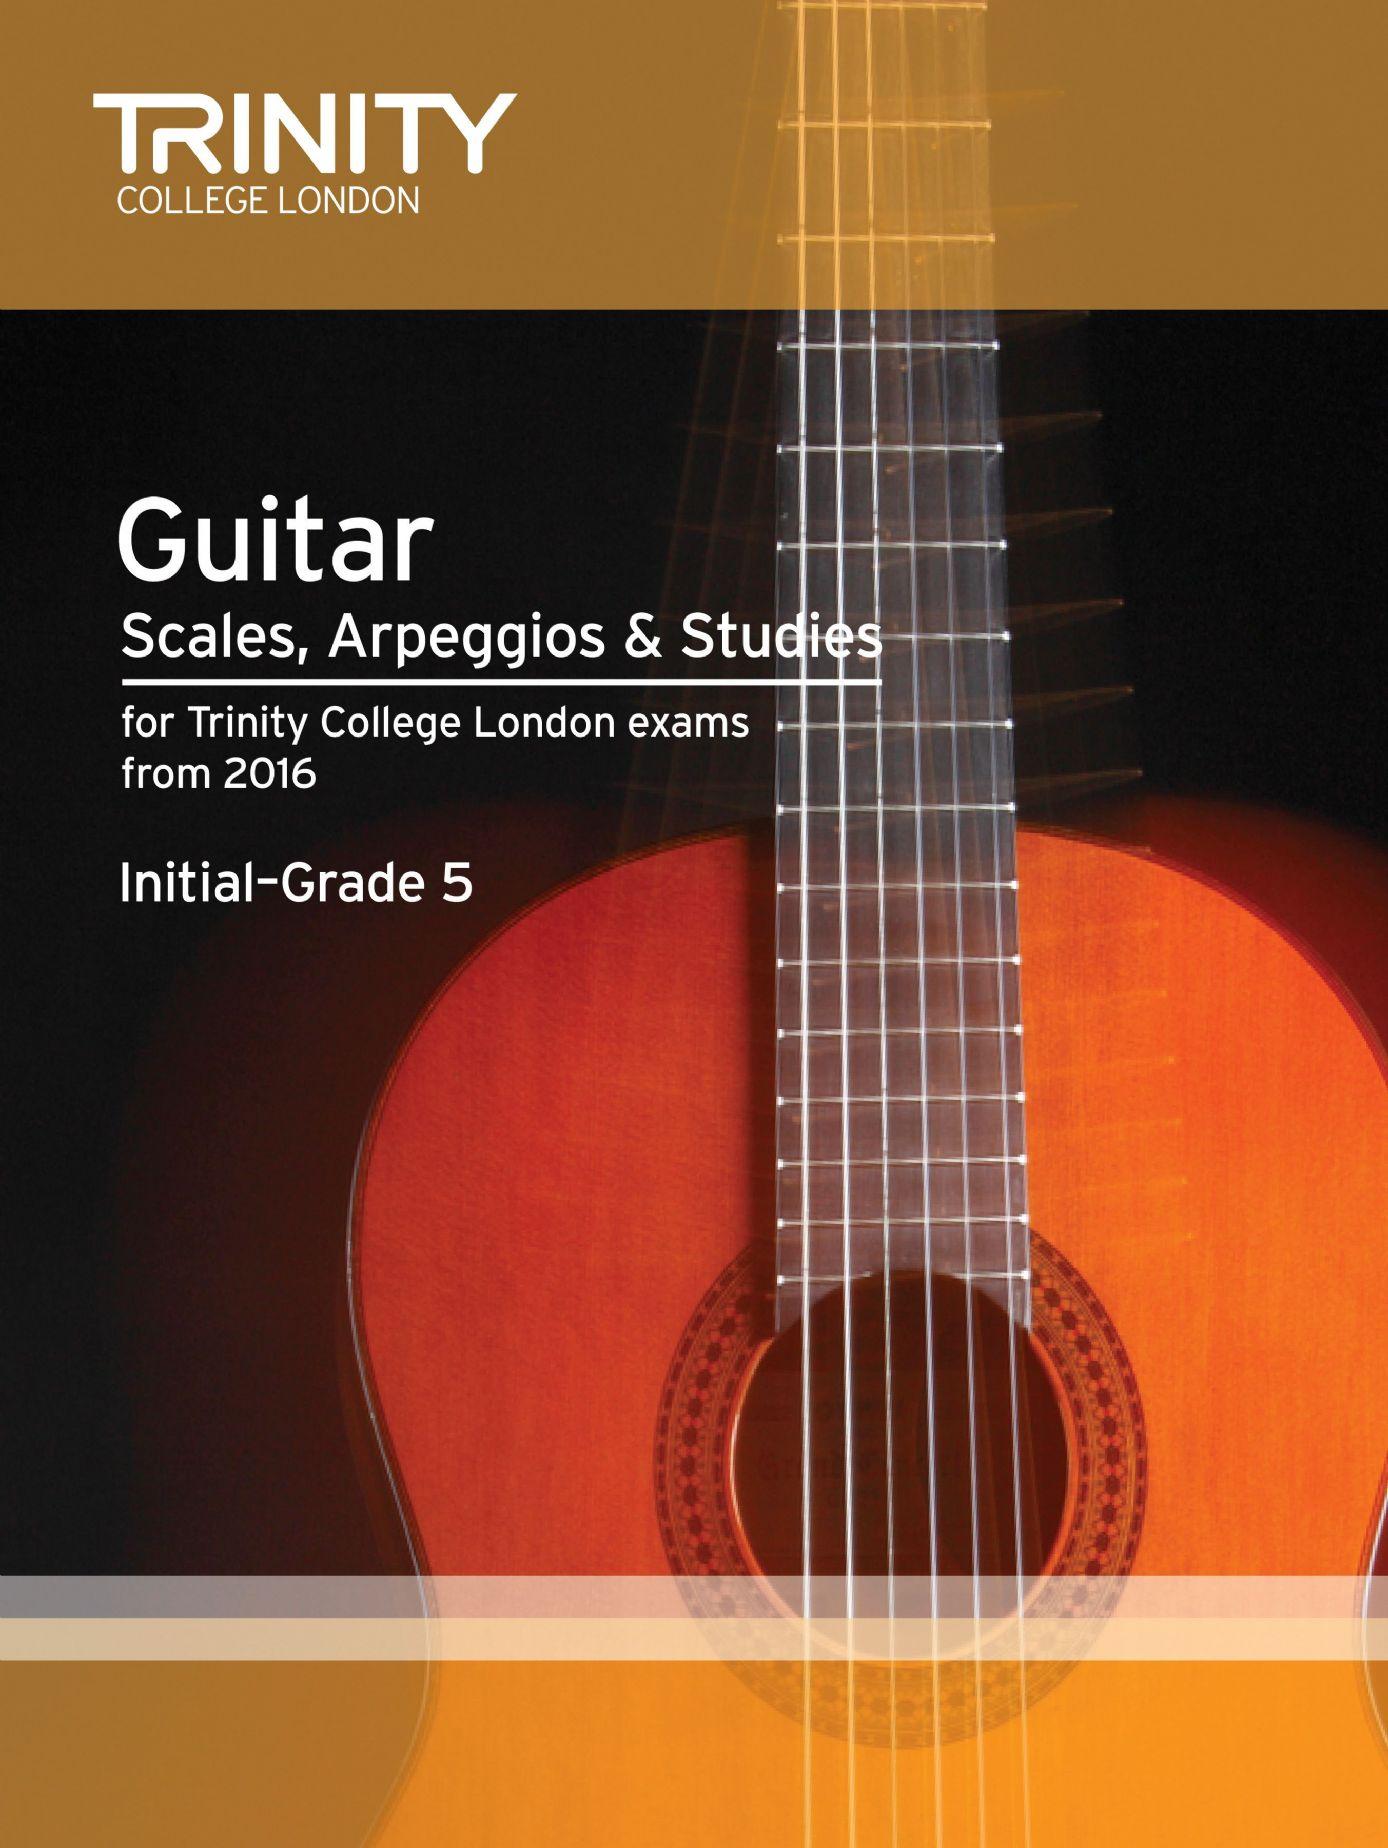 Classical Guitar Technique Essential Exercises Scales and Arpeggios (PDF)